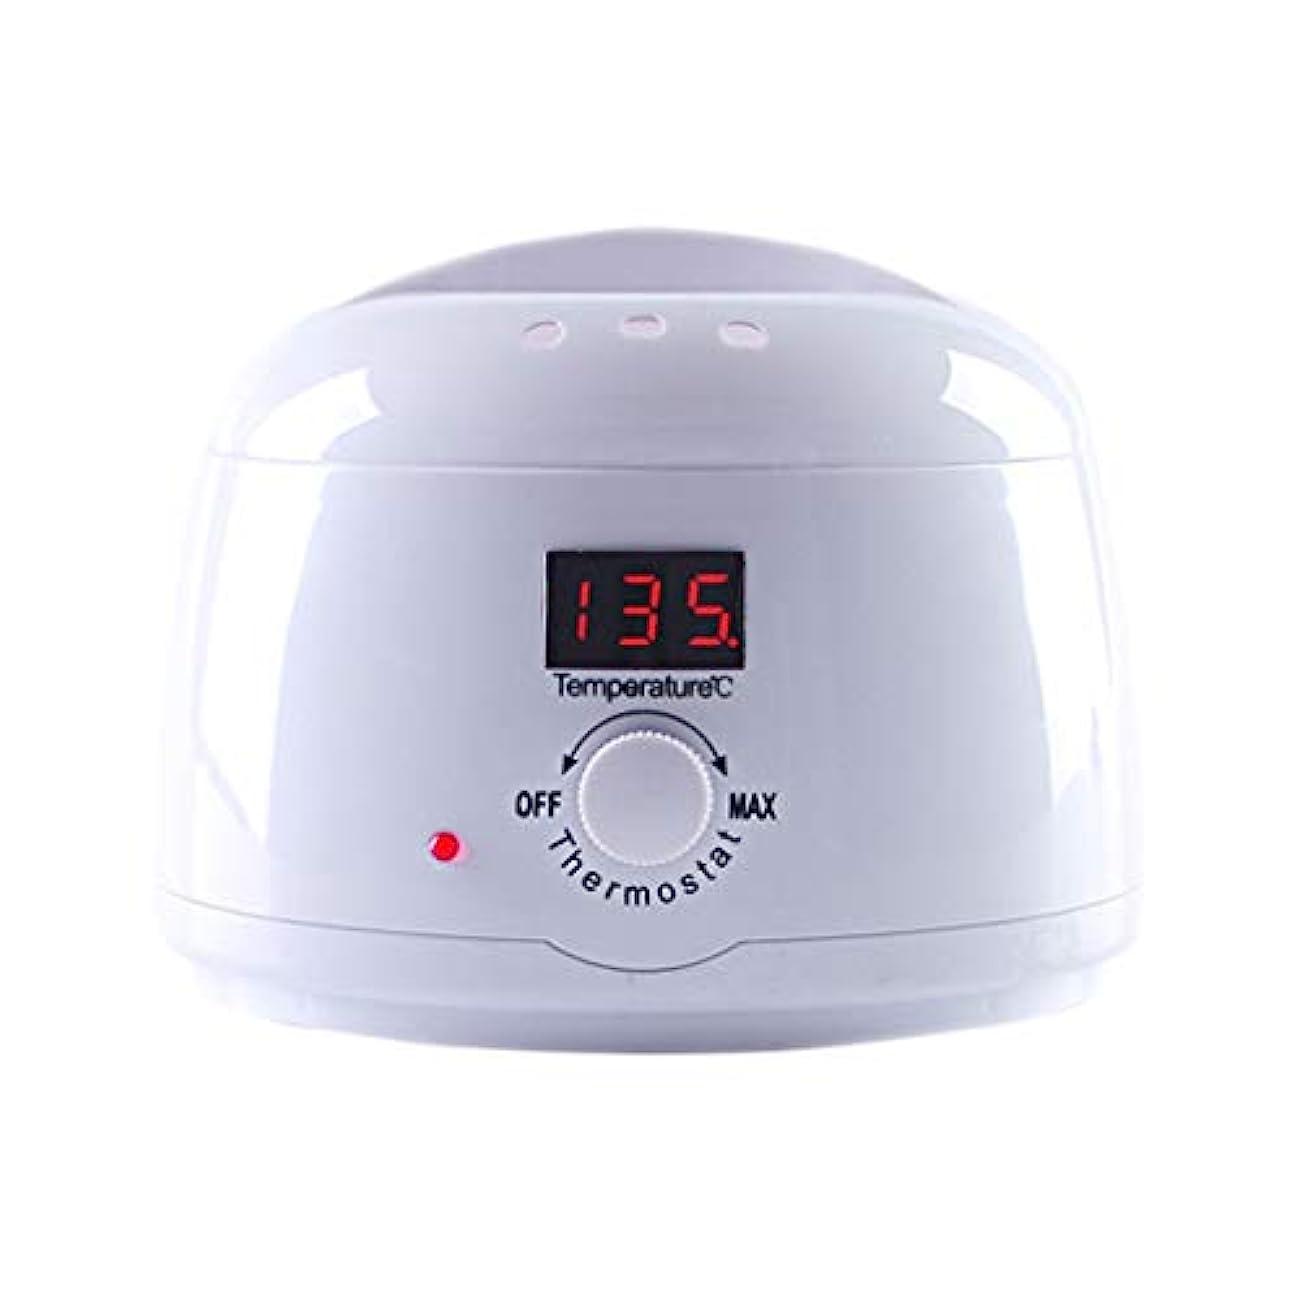 ジレンマ事測るハードワックスLED表示ハードワックスワックスアプリケーターは、インテリジェント温度ワックスウォーマーワックスがけアプリケーターコントロールシステムタッチボタン、ワックスがけアプリケータースティック